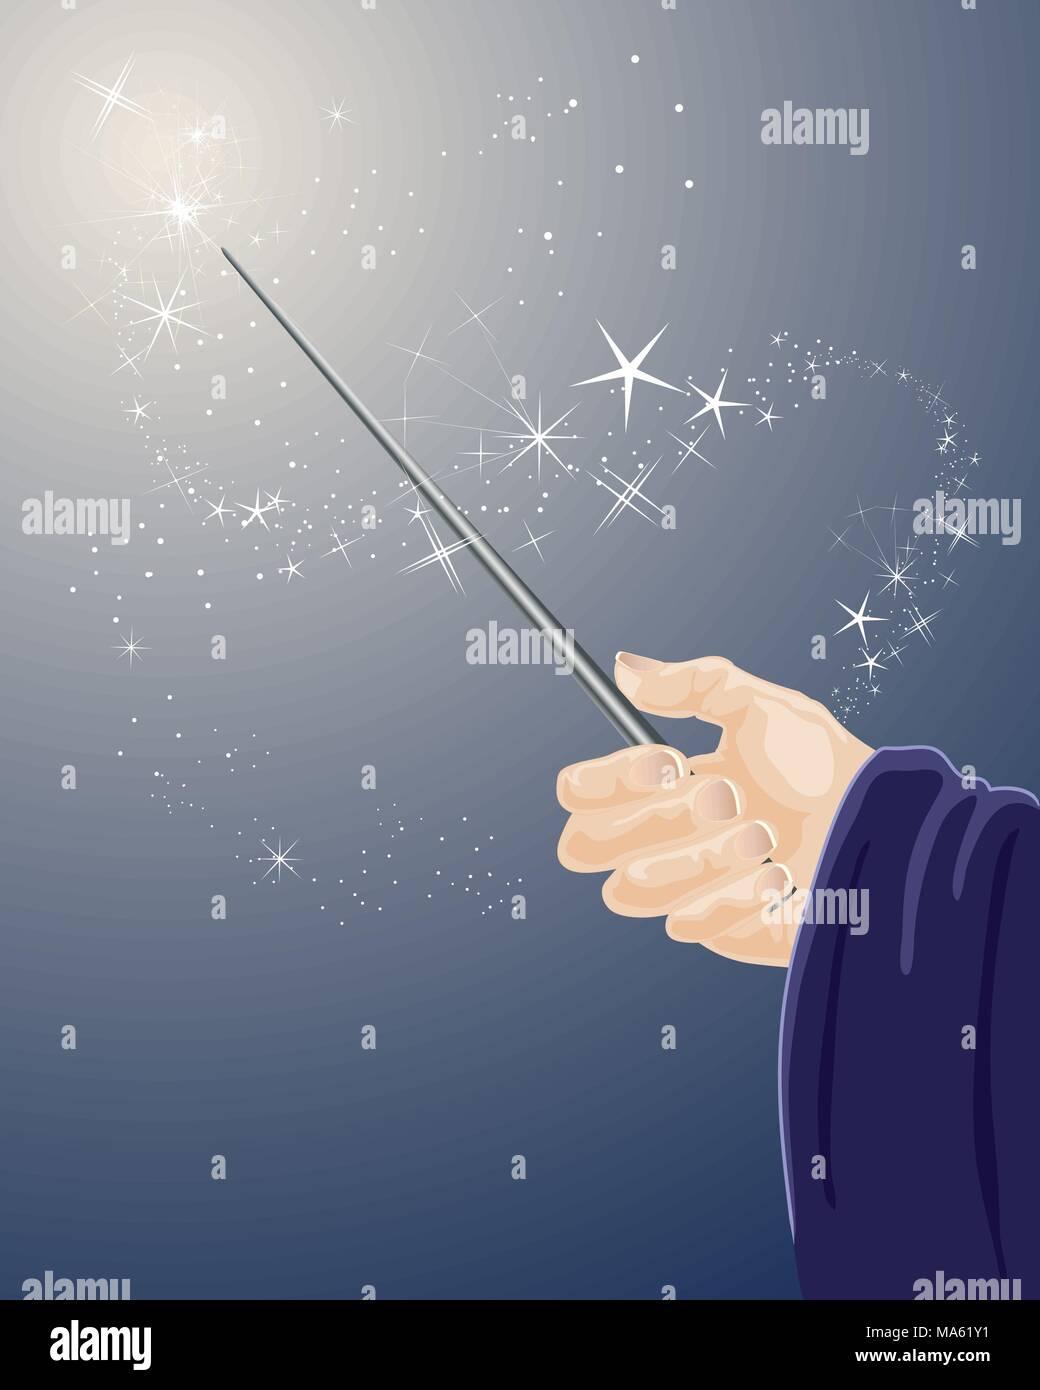 Una illustrazione vettoriale in formato eps formato 10 delle procedure guidate di una mano che tiene una bacchetta magica con brillantini e stelle su uno sfondo blu scuro Immagini Stock